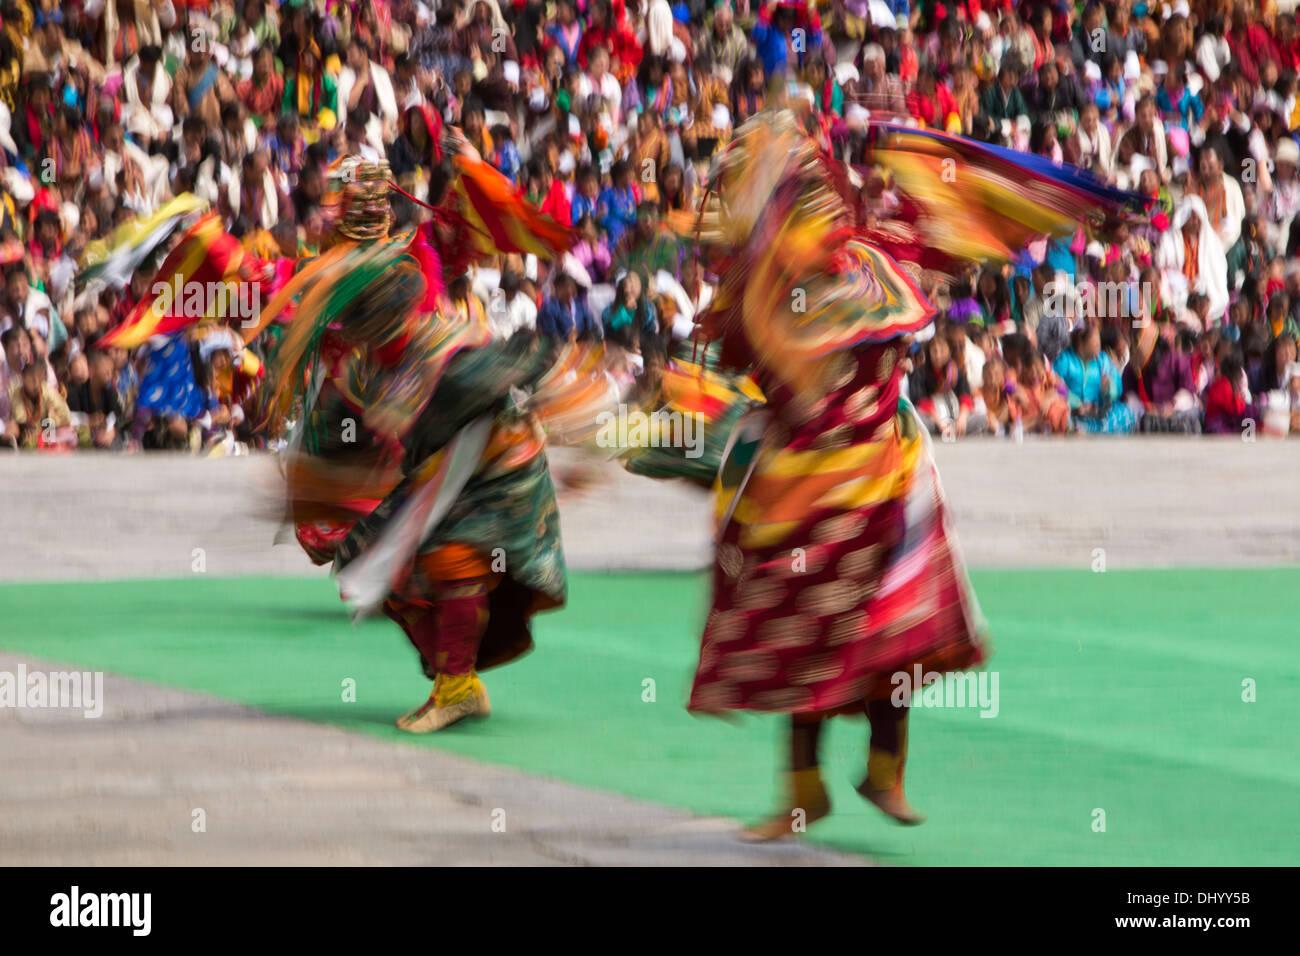 Le Bhoutan, Thimphu Dzong, Tsechu annuel, la danse des trois sortes de Ging, danseurs floue Photo Stock